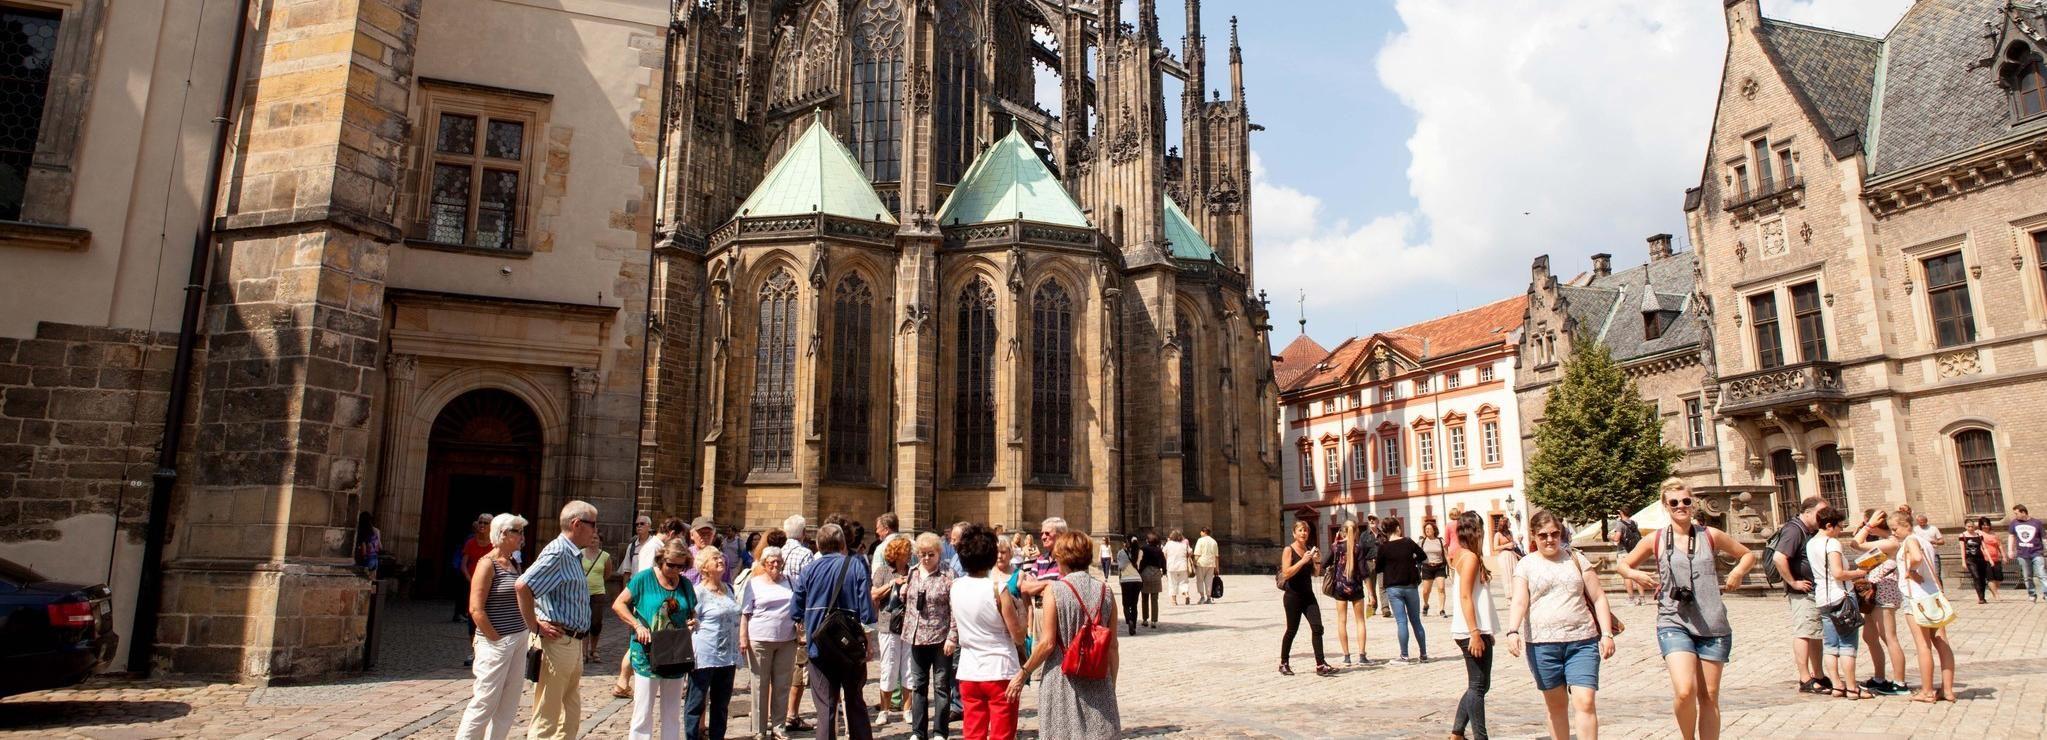 Tour de 3 horas por la ciudad de Praga con Cambio de Guardia